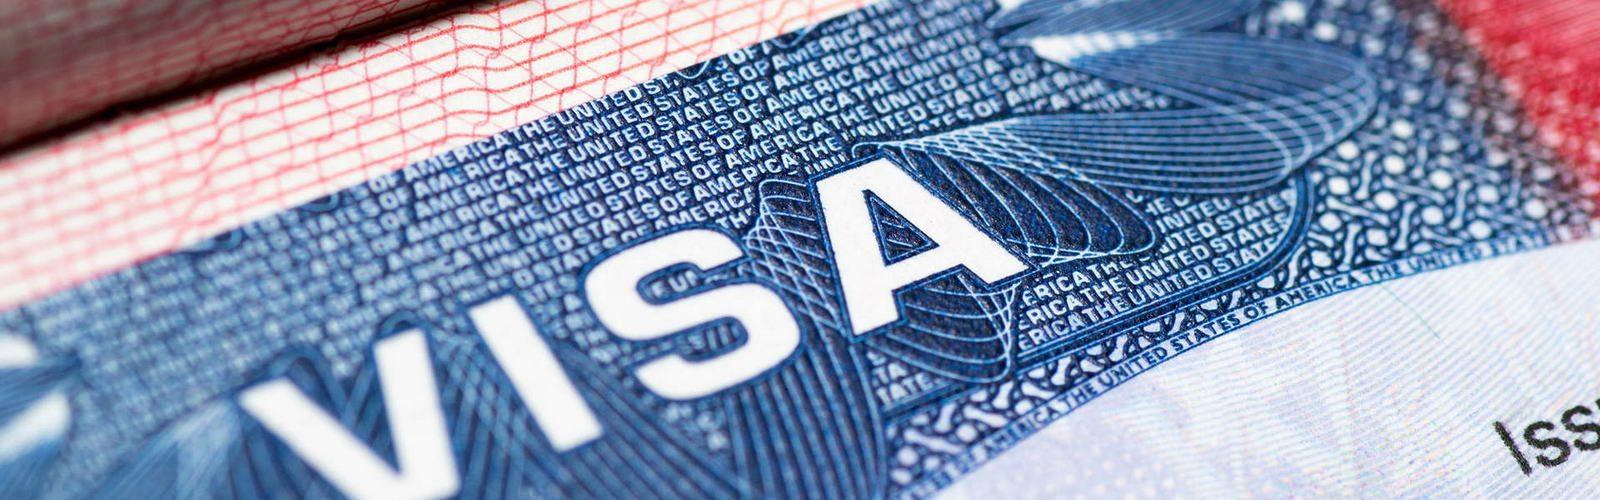 Comment obtenir le visa e 2 visa investisseur aux etats for Acheter une maison aux etats unis